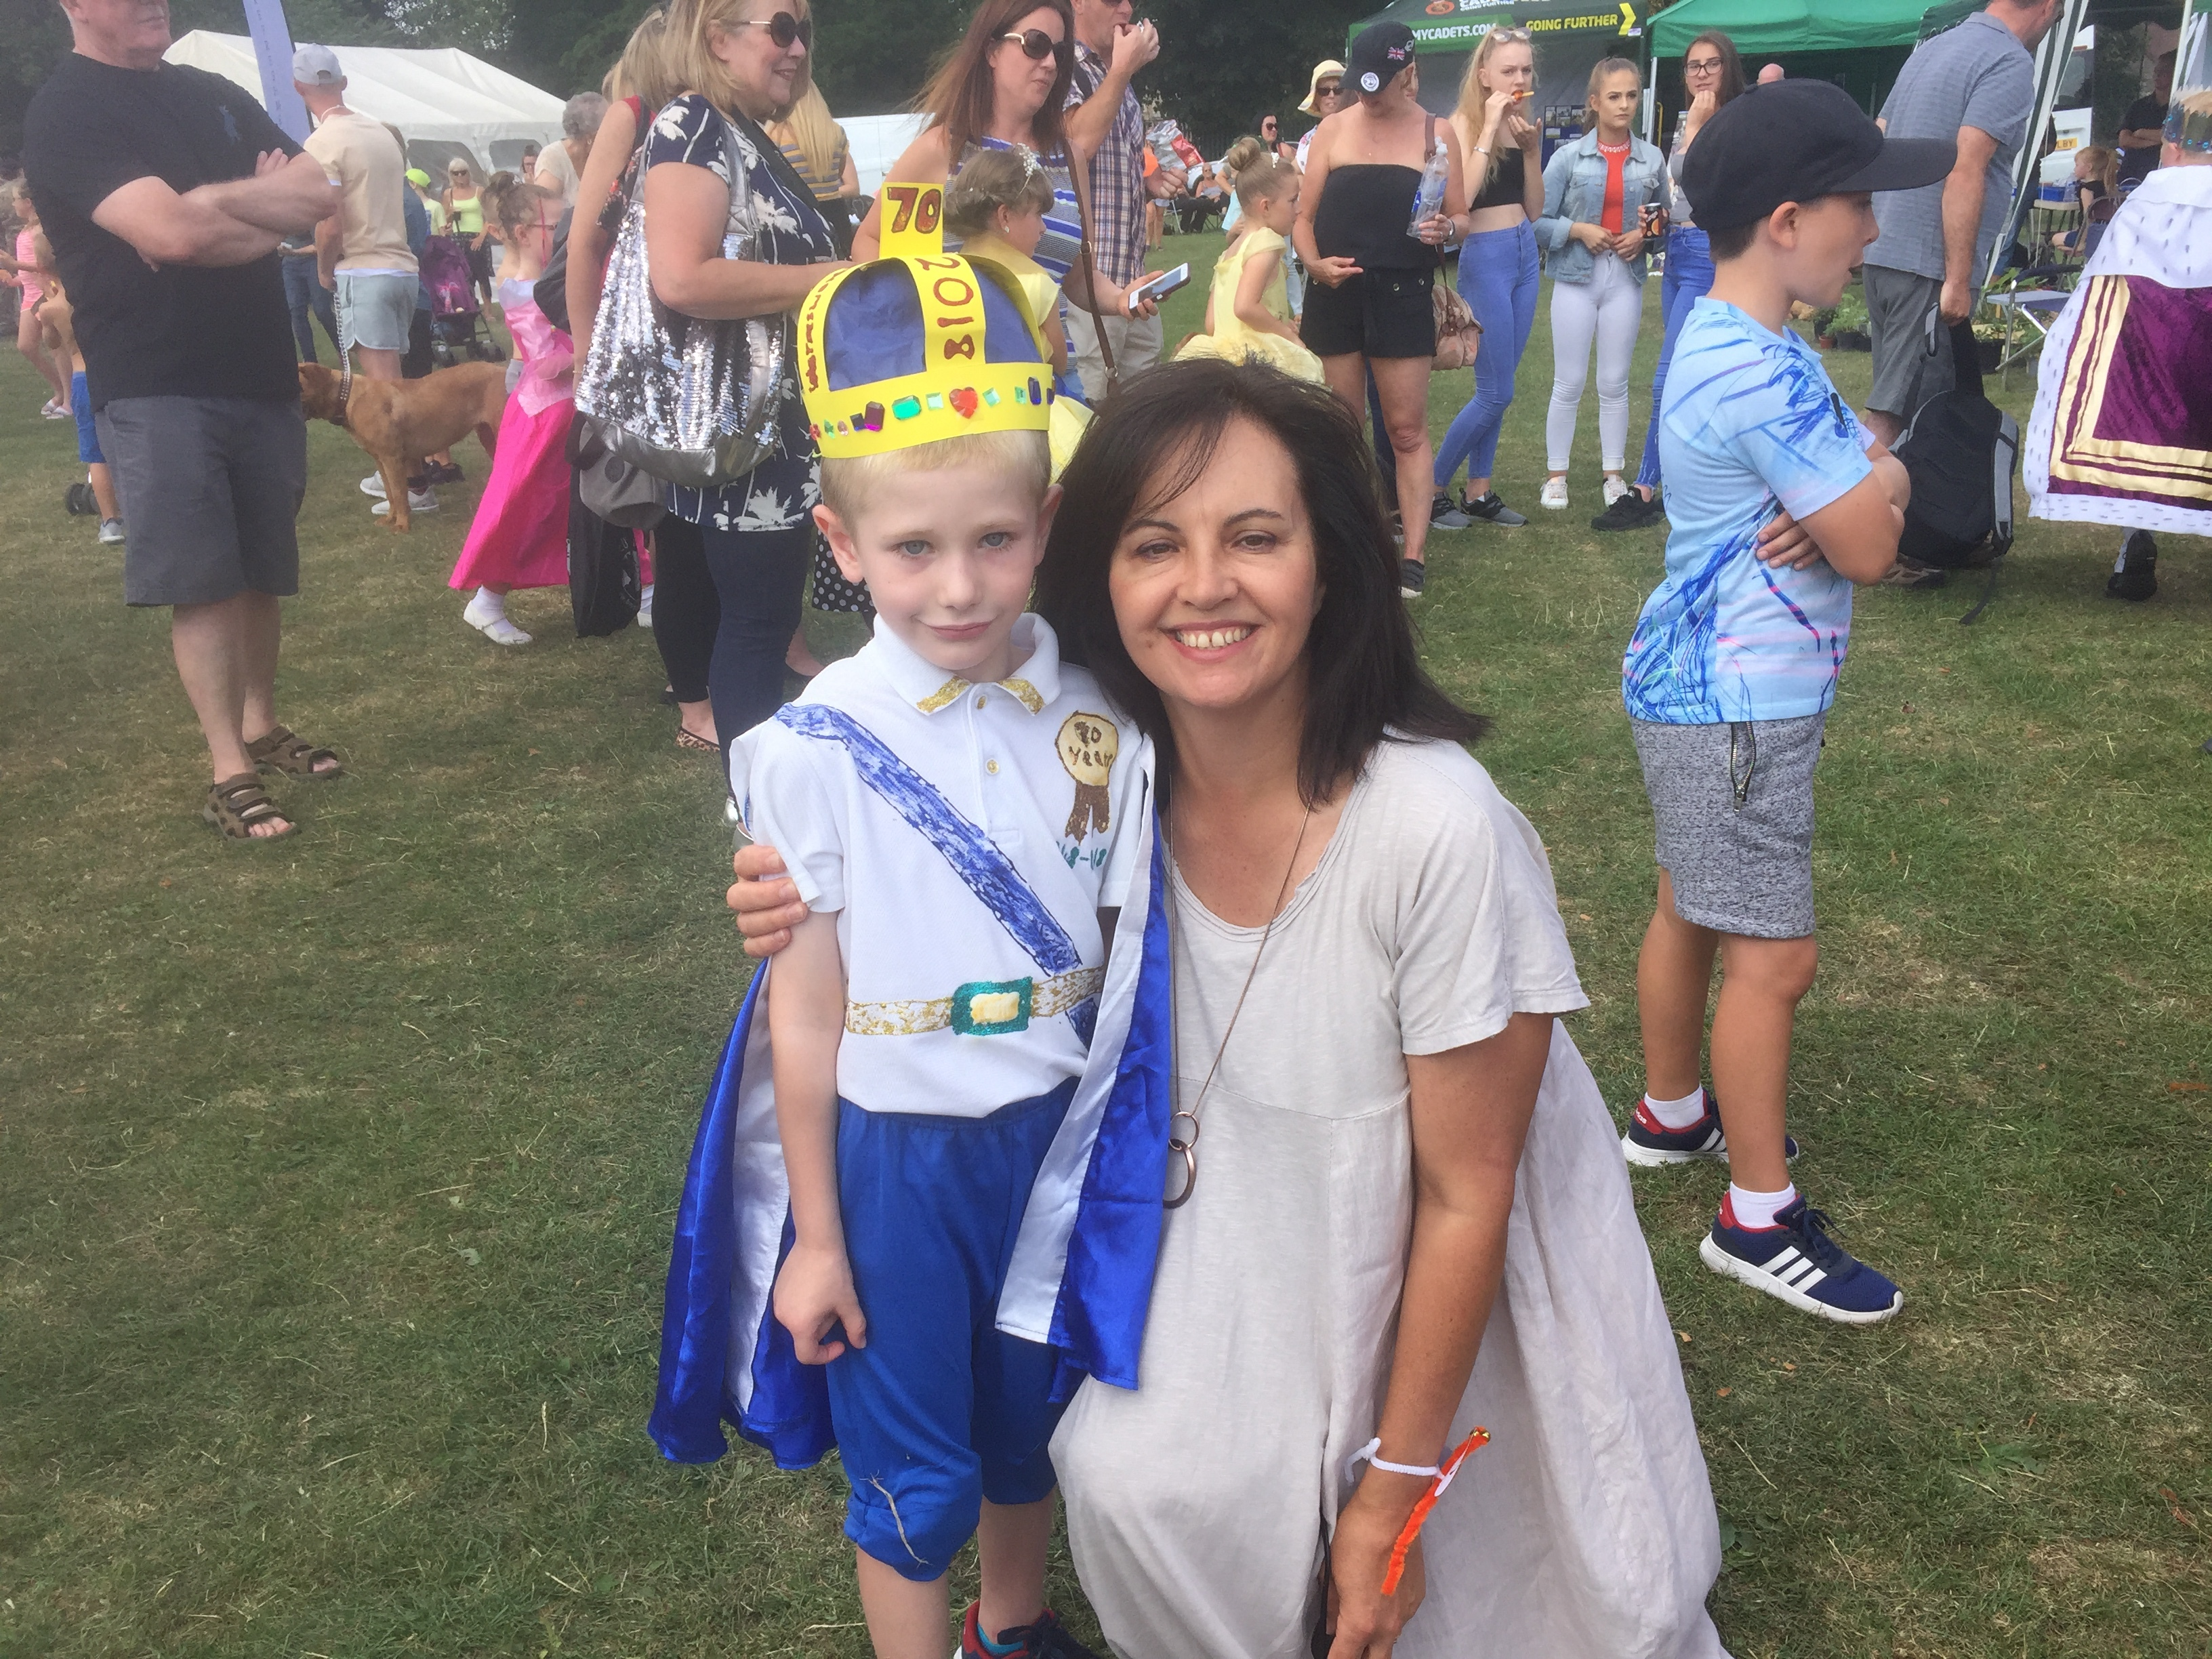 Caroline_Flint_with_KIng_Marcus_-_winner_of_the_fancy_dress140718.JPG